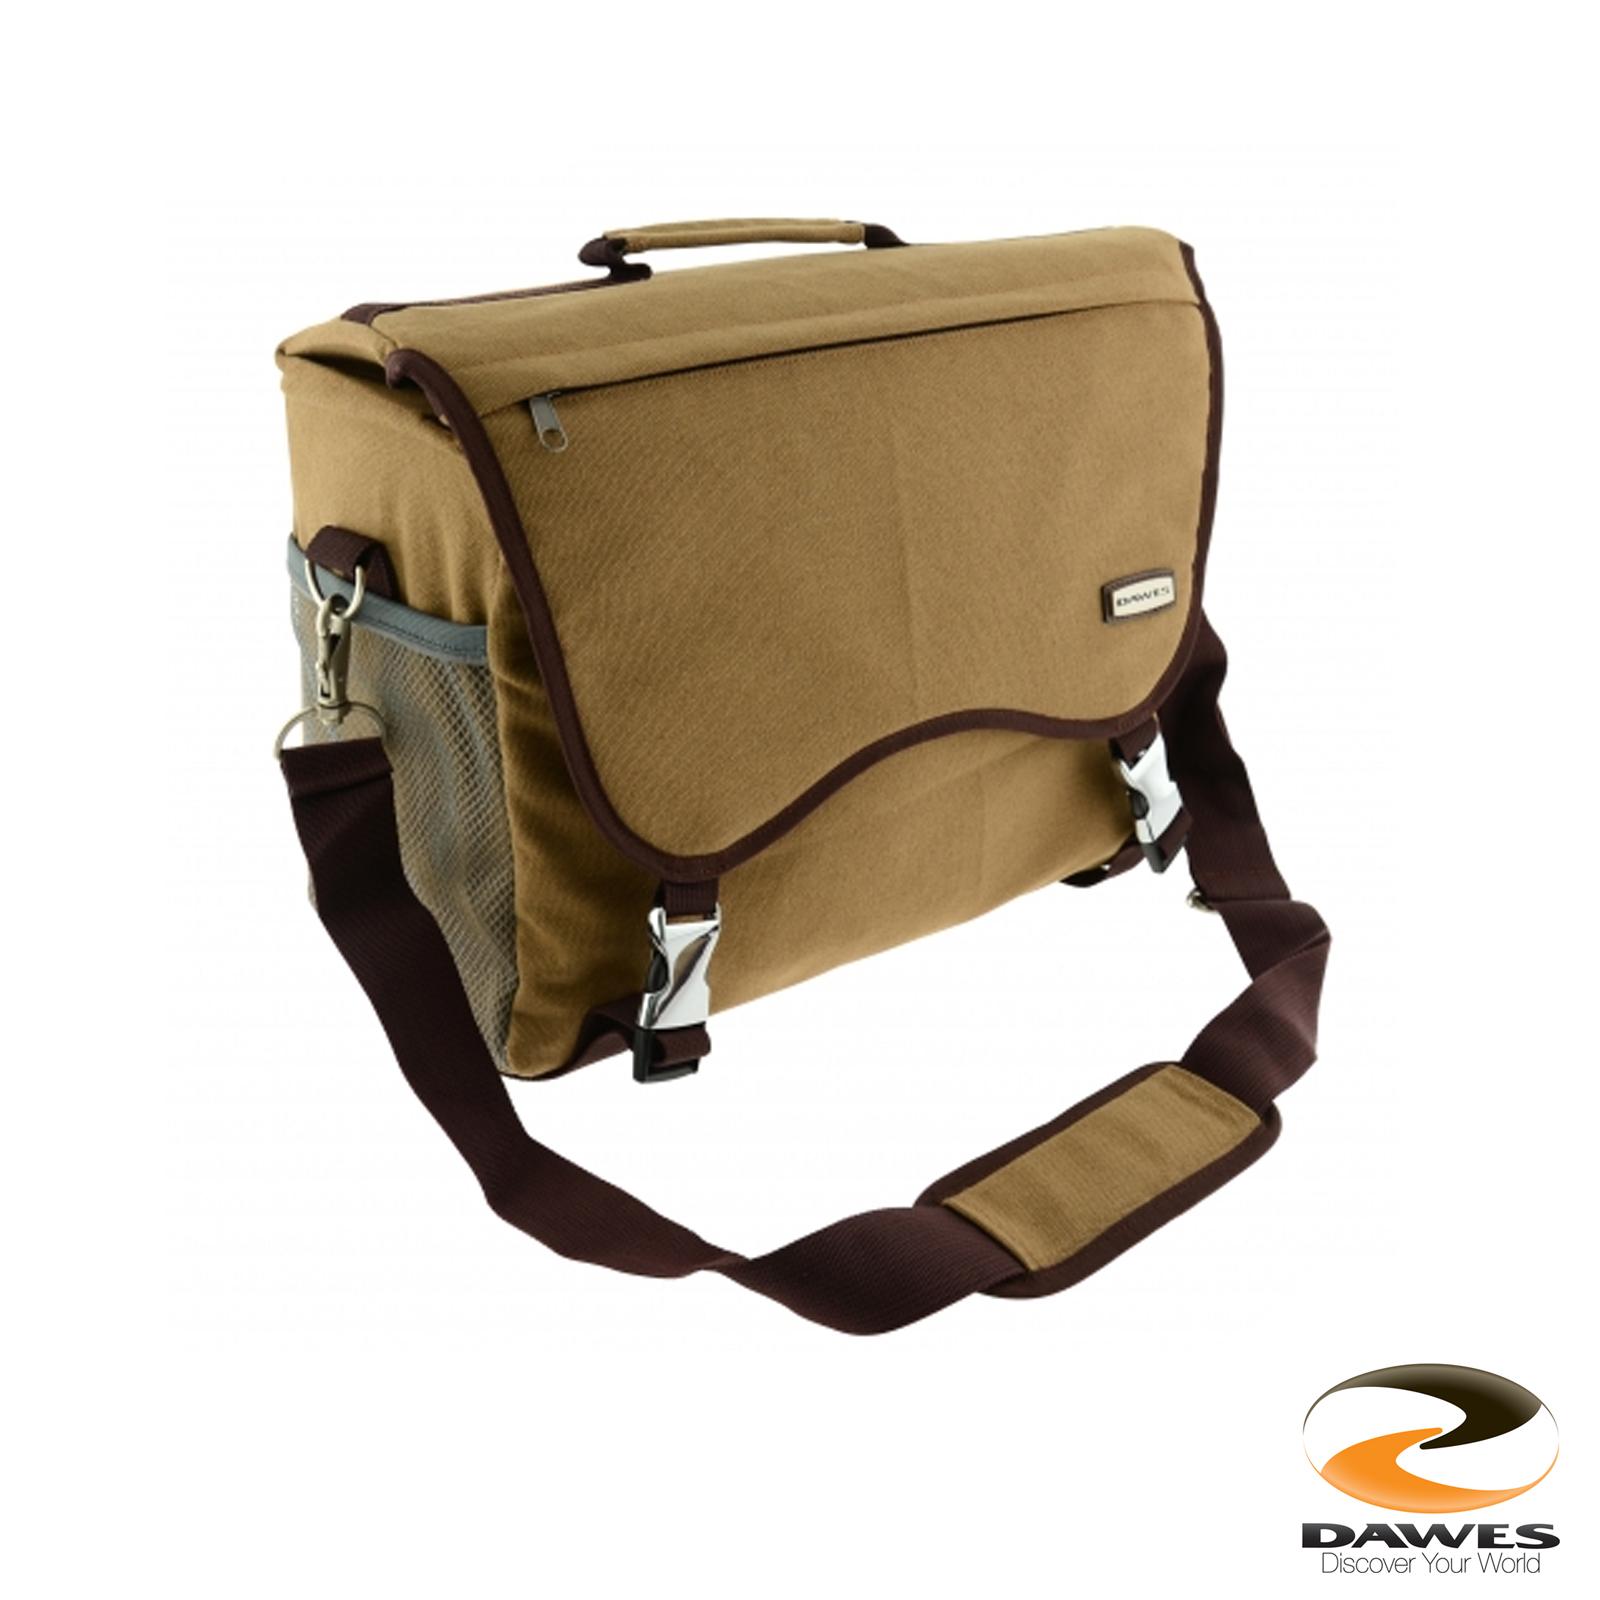 Dawes Traditional Heritage Canvas Bag Saddle Rucksack